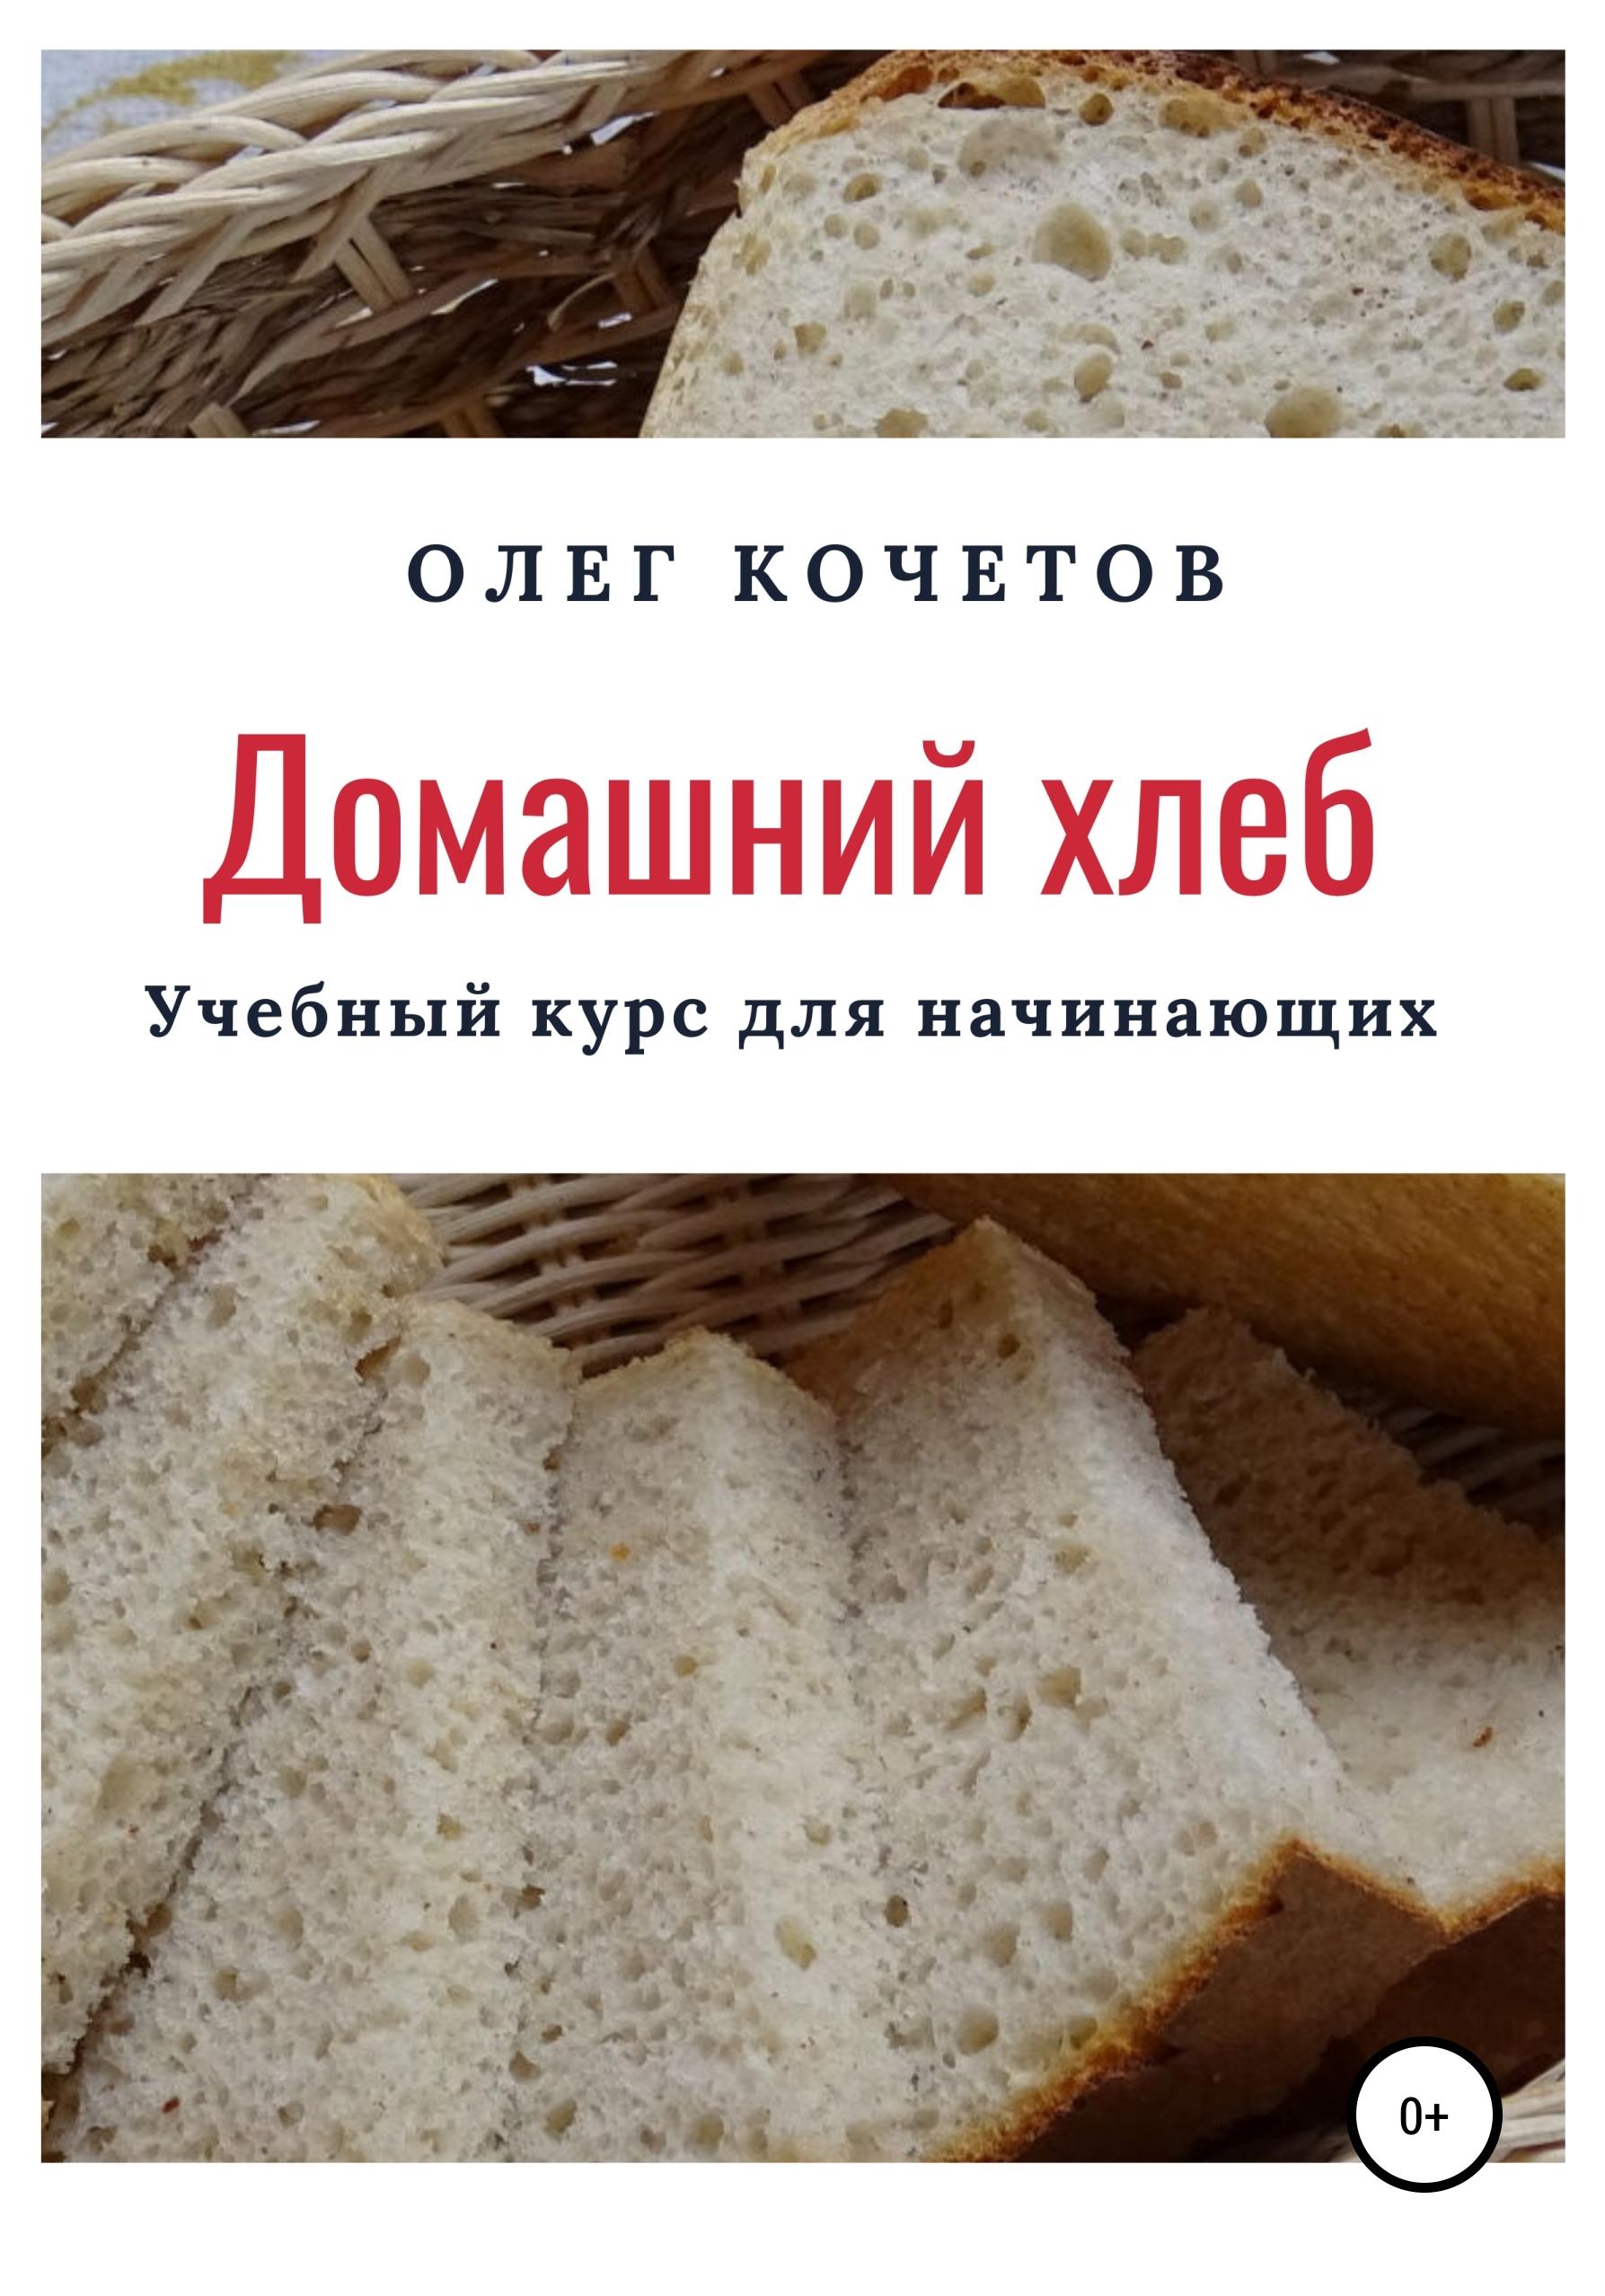 цена на Олег Кочетов Домашний хлеб. Учебный курс для начинающих